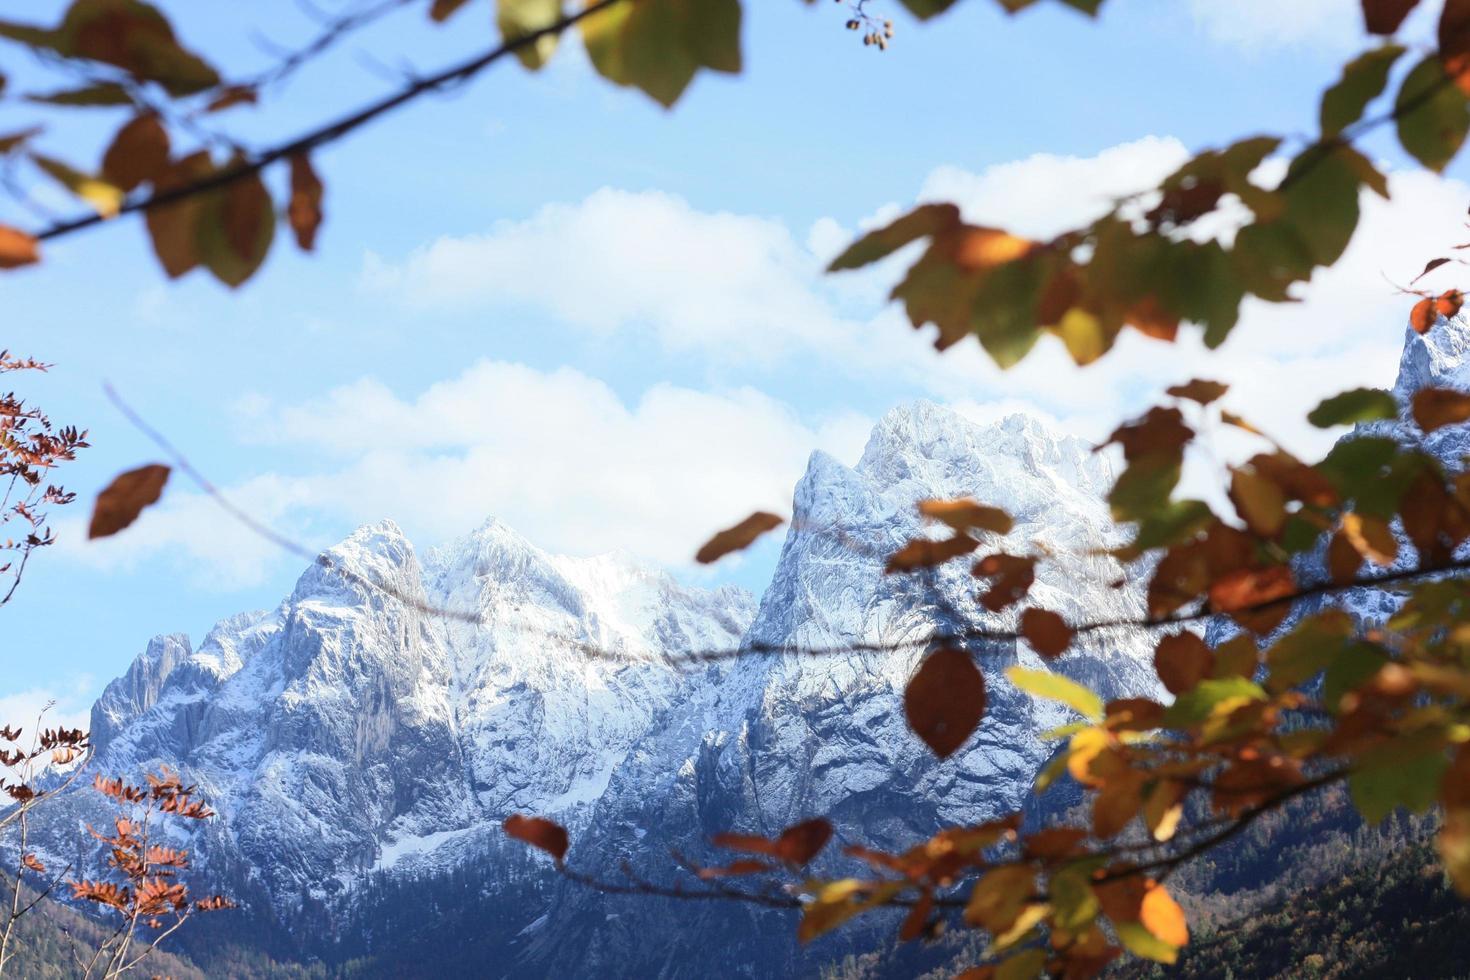 montañas nevadas a través de hojas de otoño foto